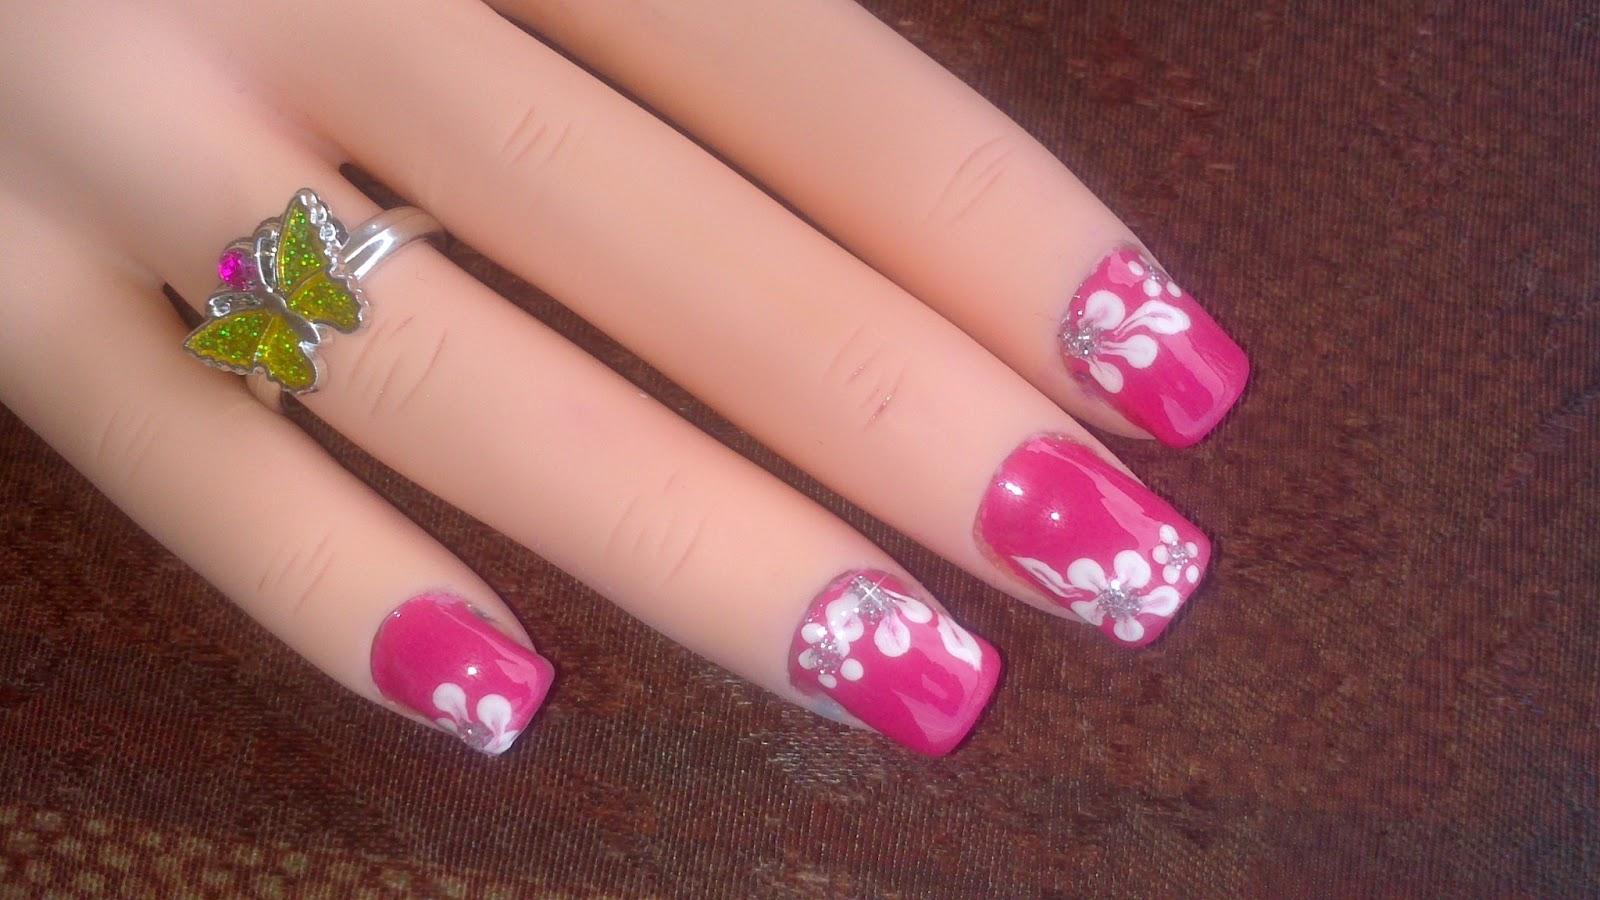 - Lnetsa 's nailart: Toe nail design + short nails version ...